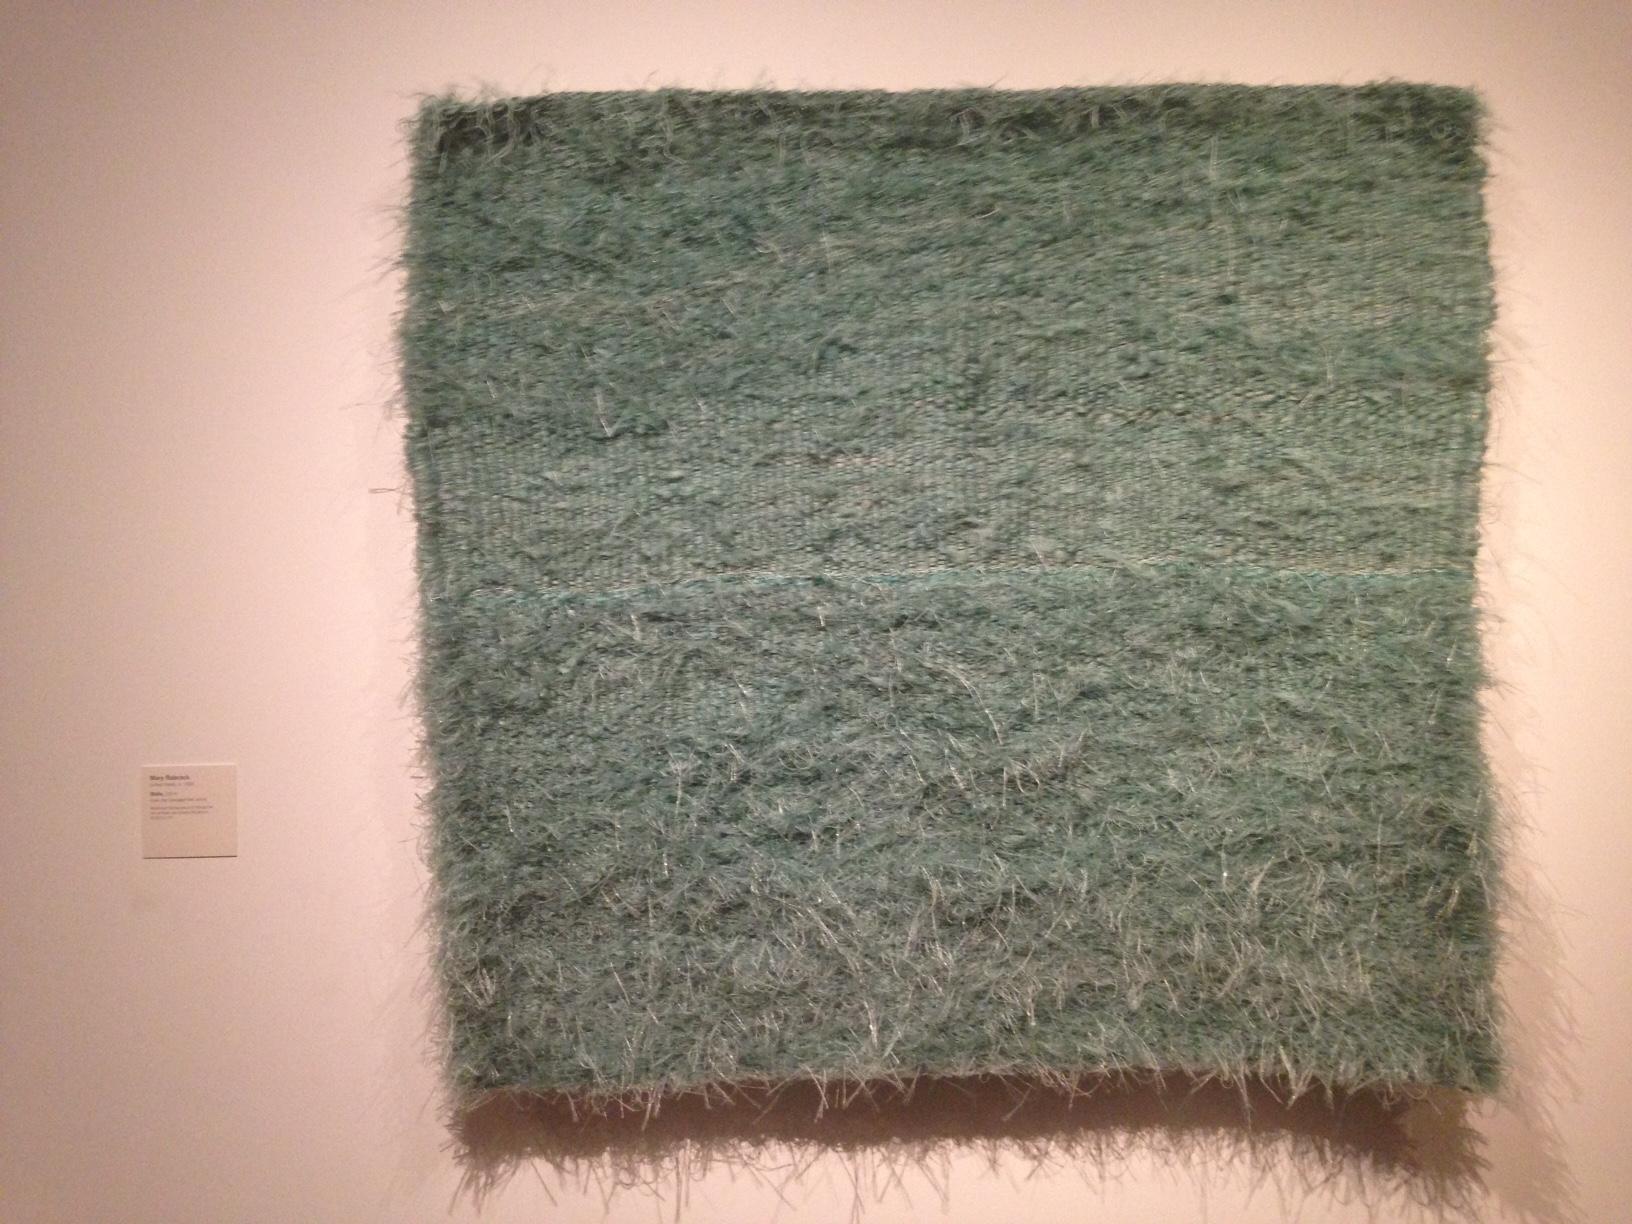 Discarded Fishing Net Belongs in Museum, Not In Ocean